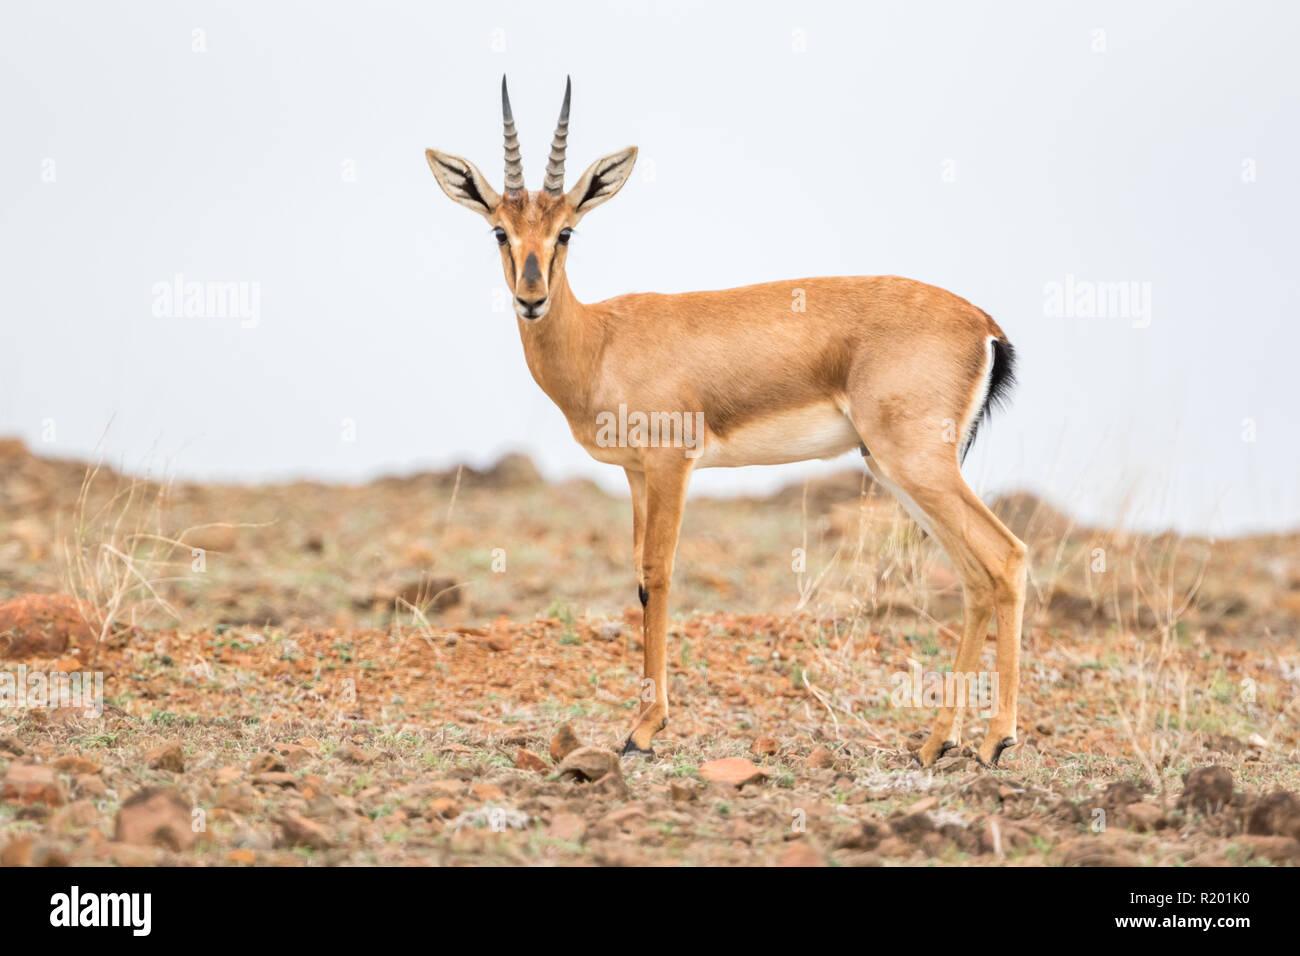 Chinkara Deer Stock Photos & Chinkara Deer Stock Images - Alamy